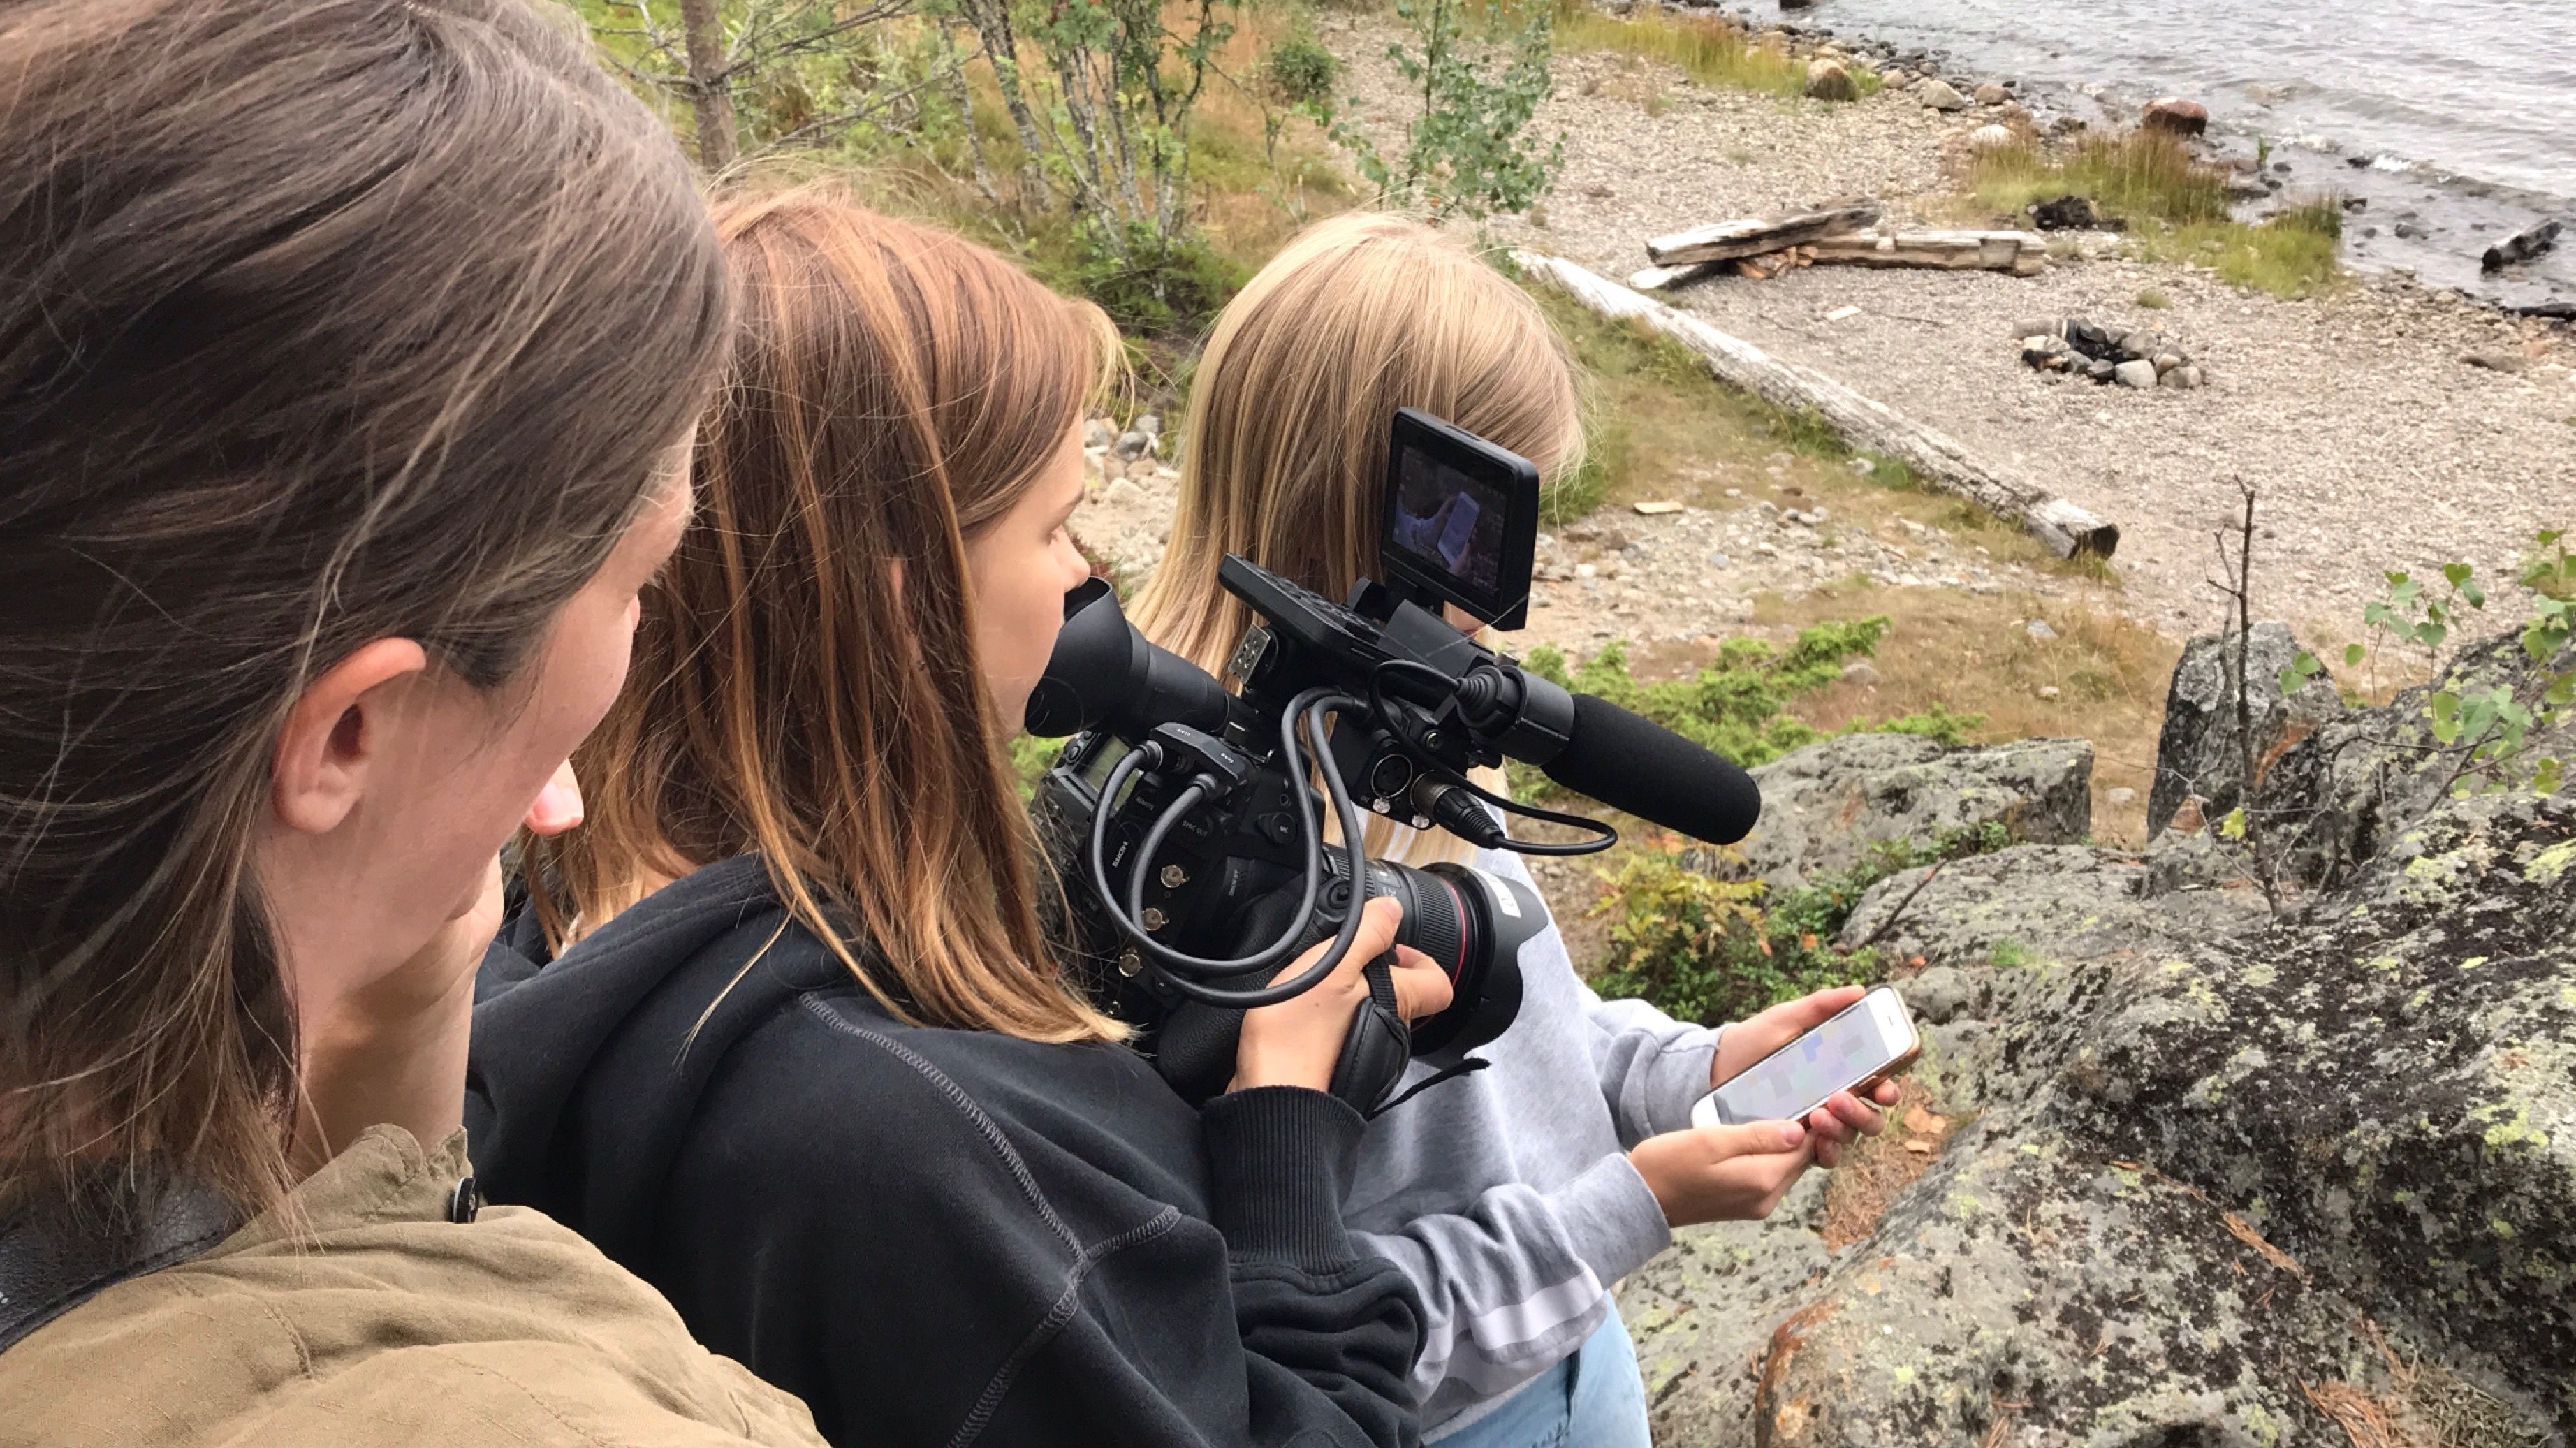 Lynx filmsommarläger på Norrbyskär i Västerbotten. Foto: Lynx Studios